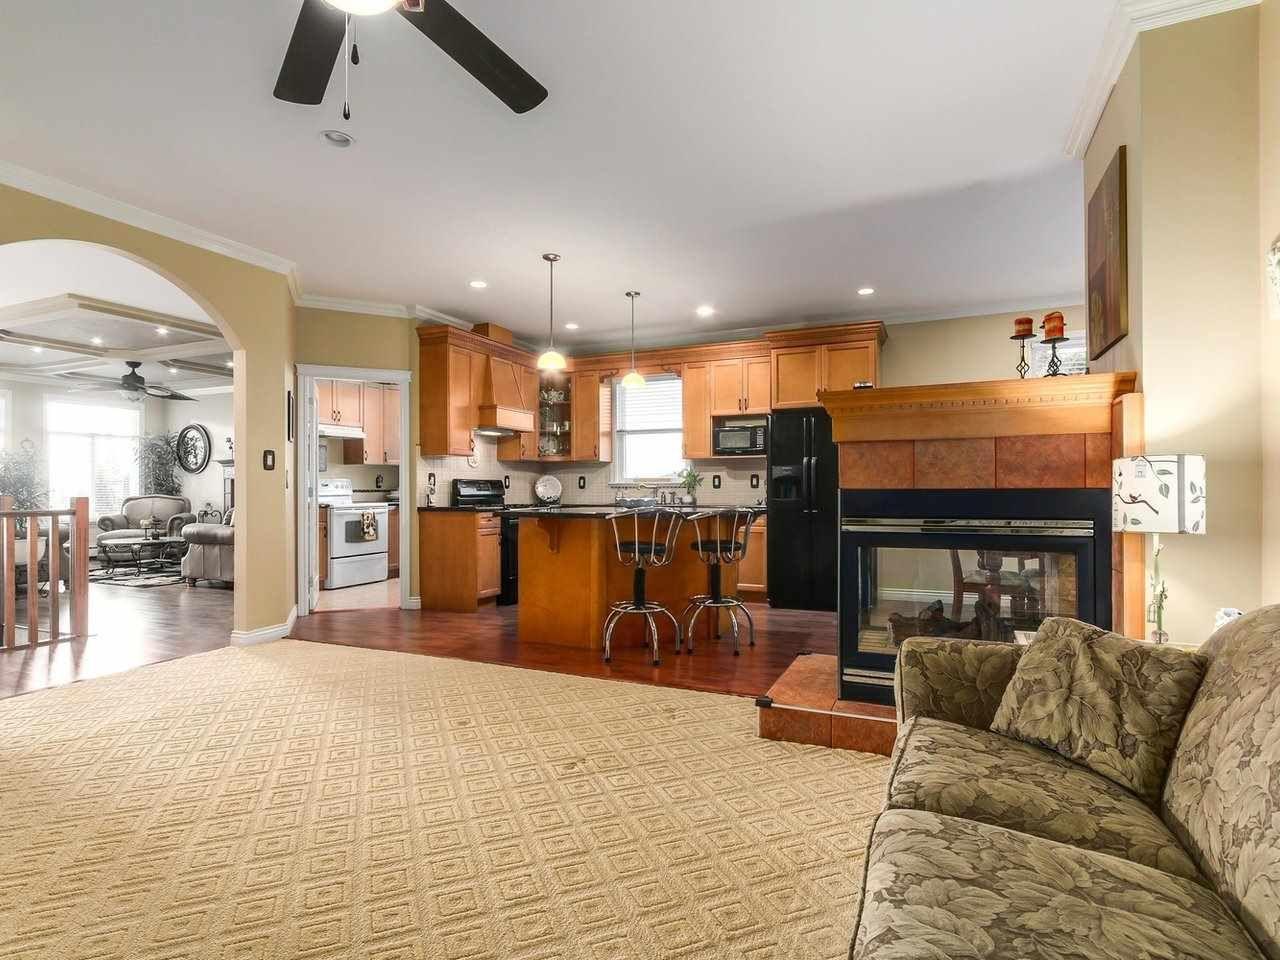 Photo 7: Photos: 725 REGAN Avenue in Coquitlam: Coquitlam West House for sale : MLS®# R2226266